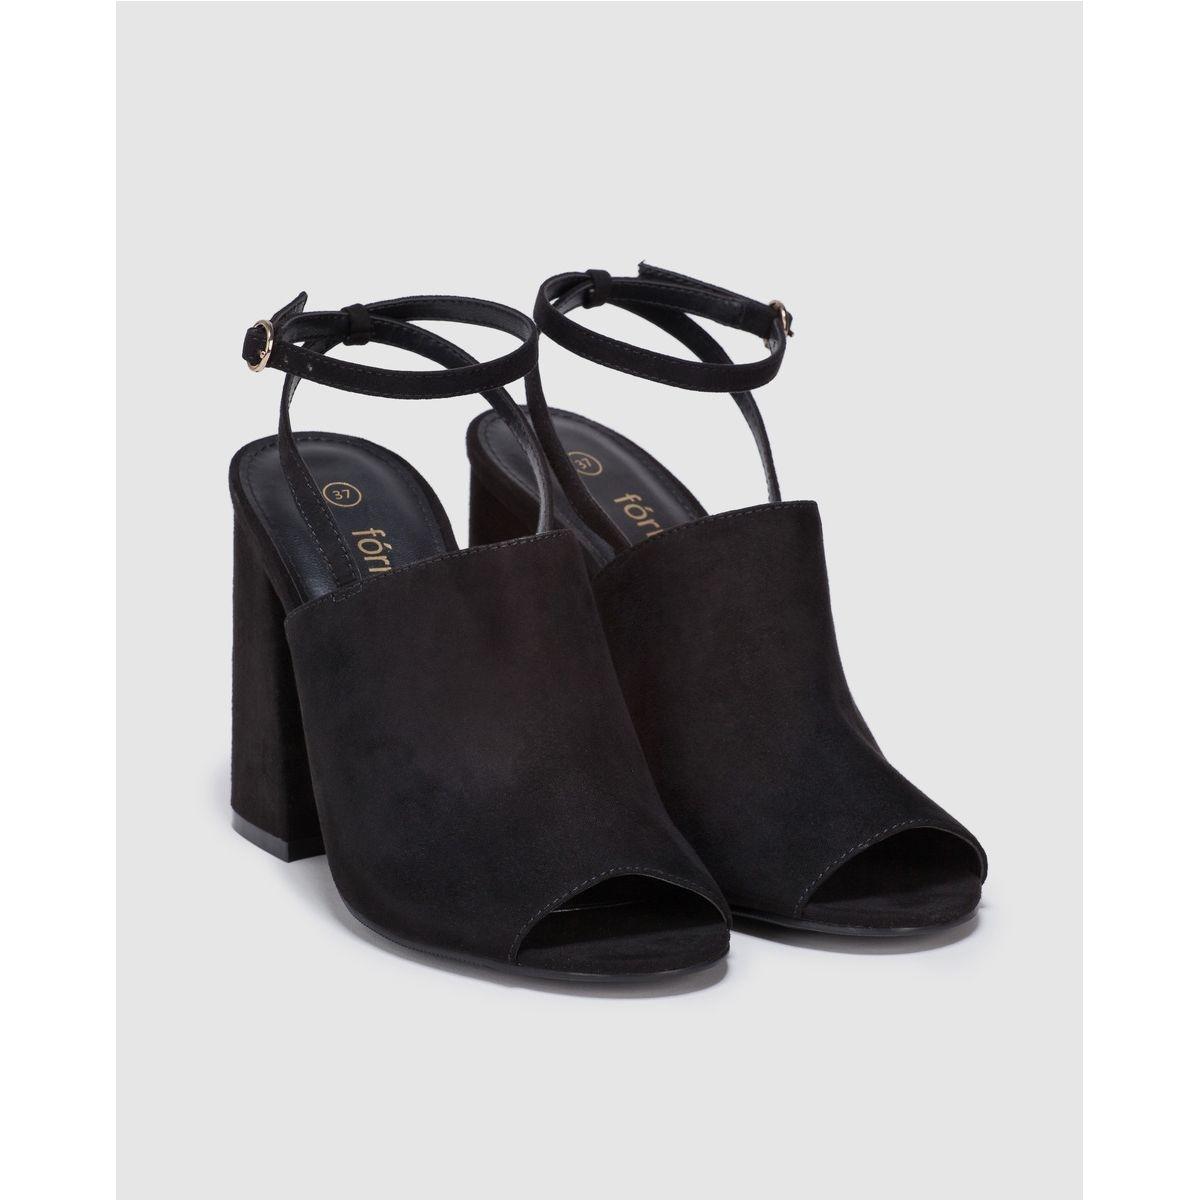 Sandales à talon  avec bride cheville